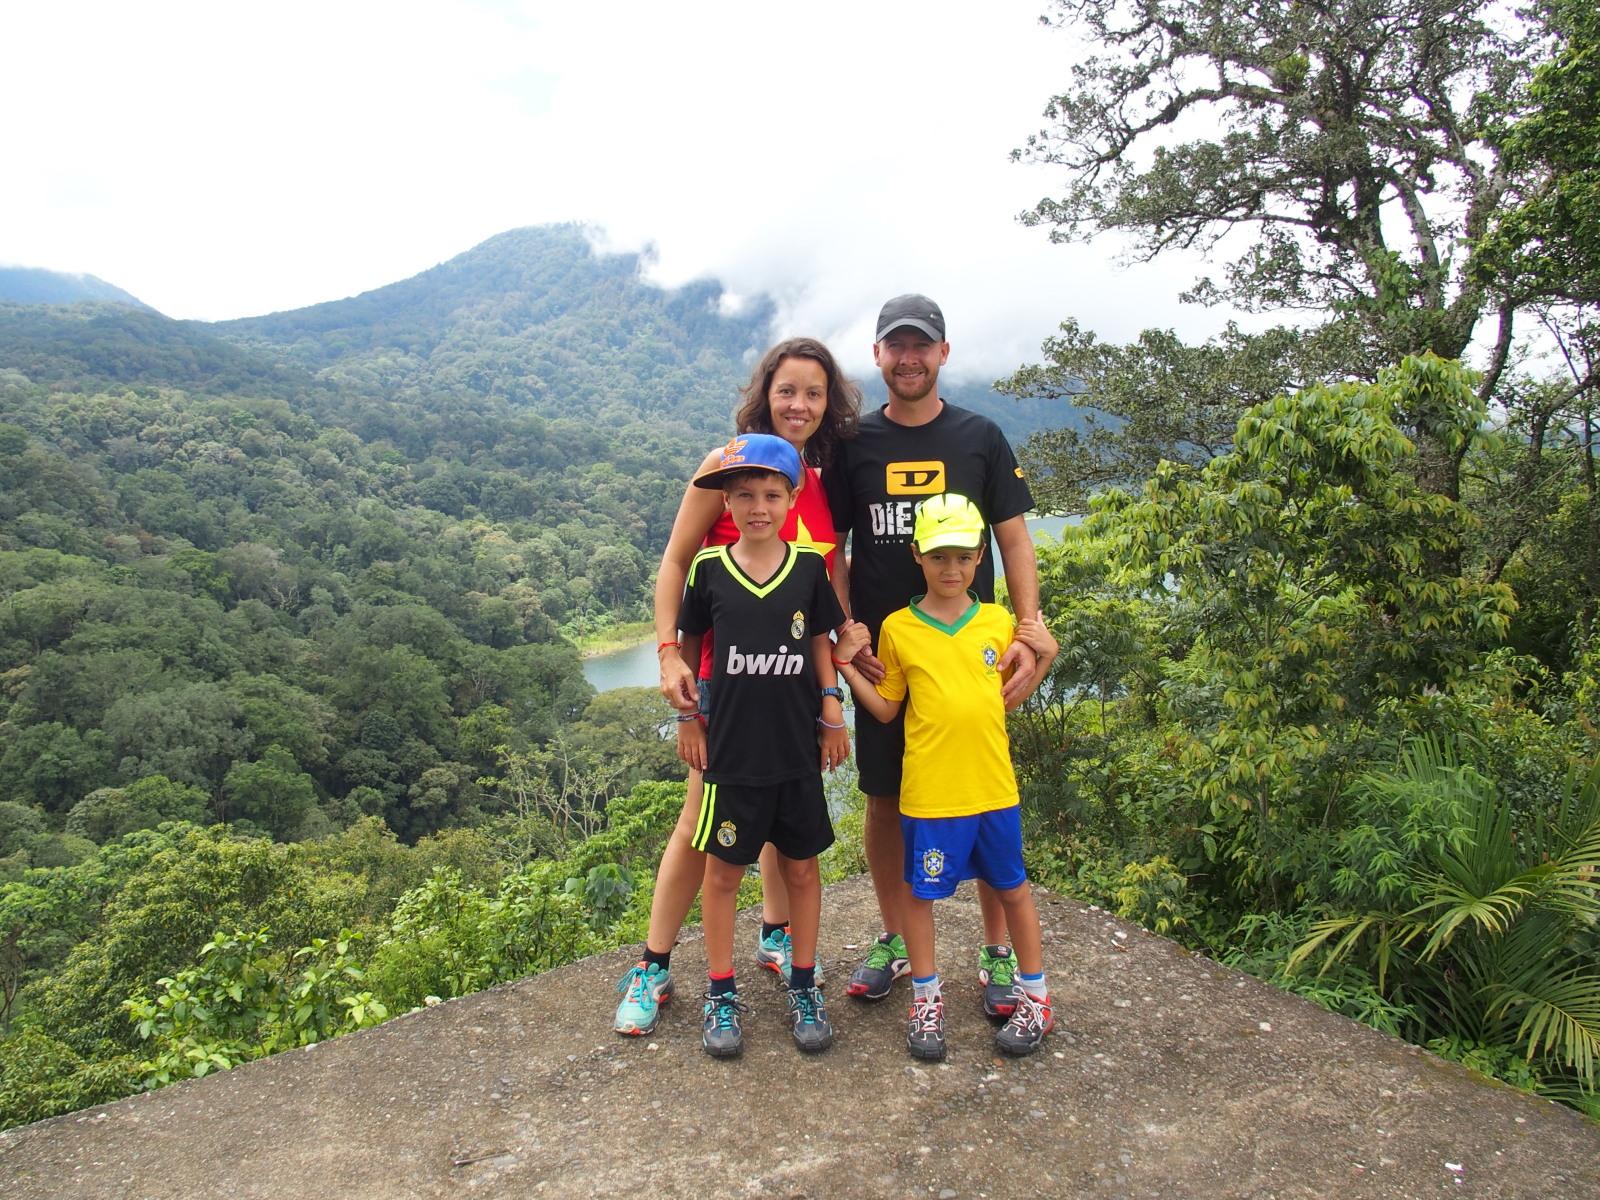 Aux lacs Tambligan et Buyan - Bali